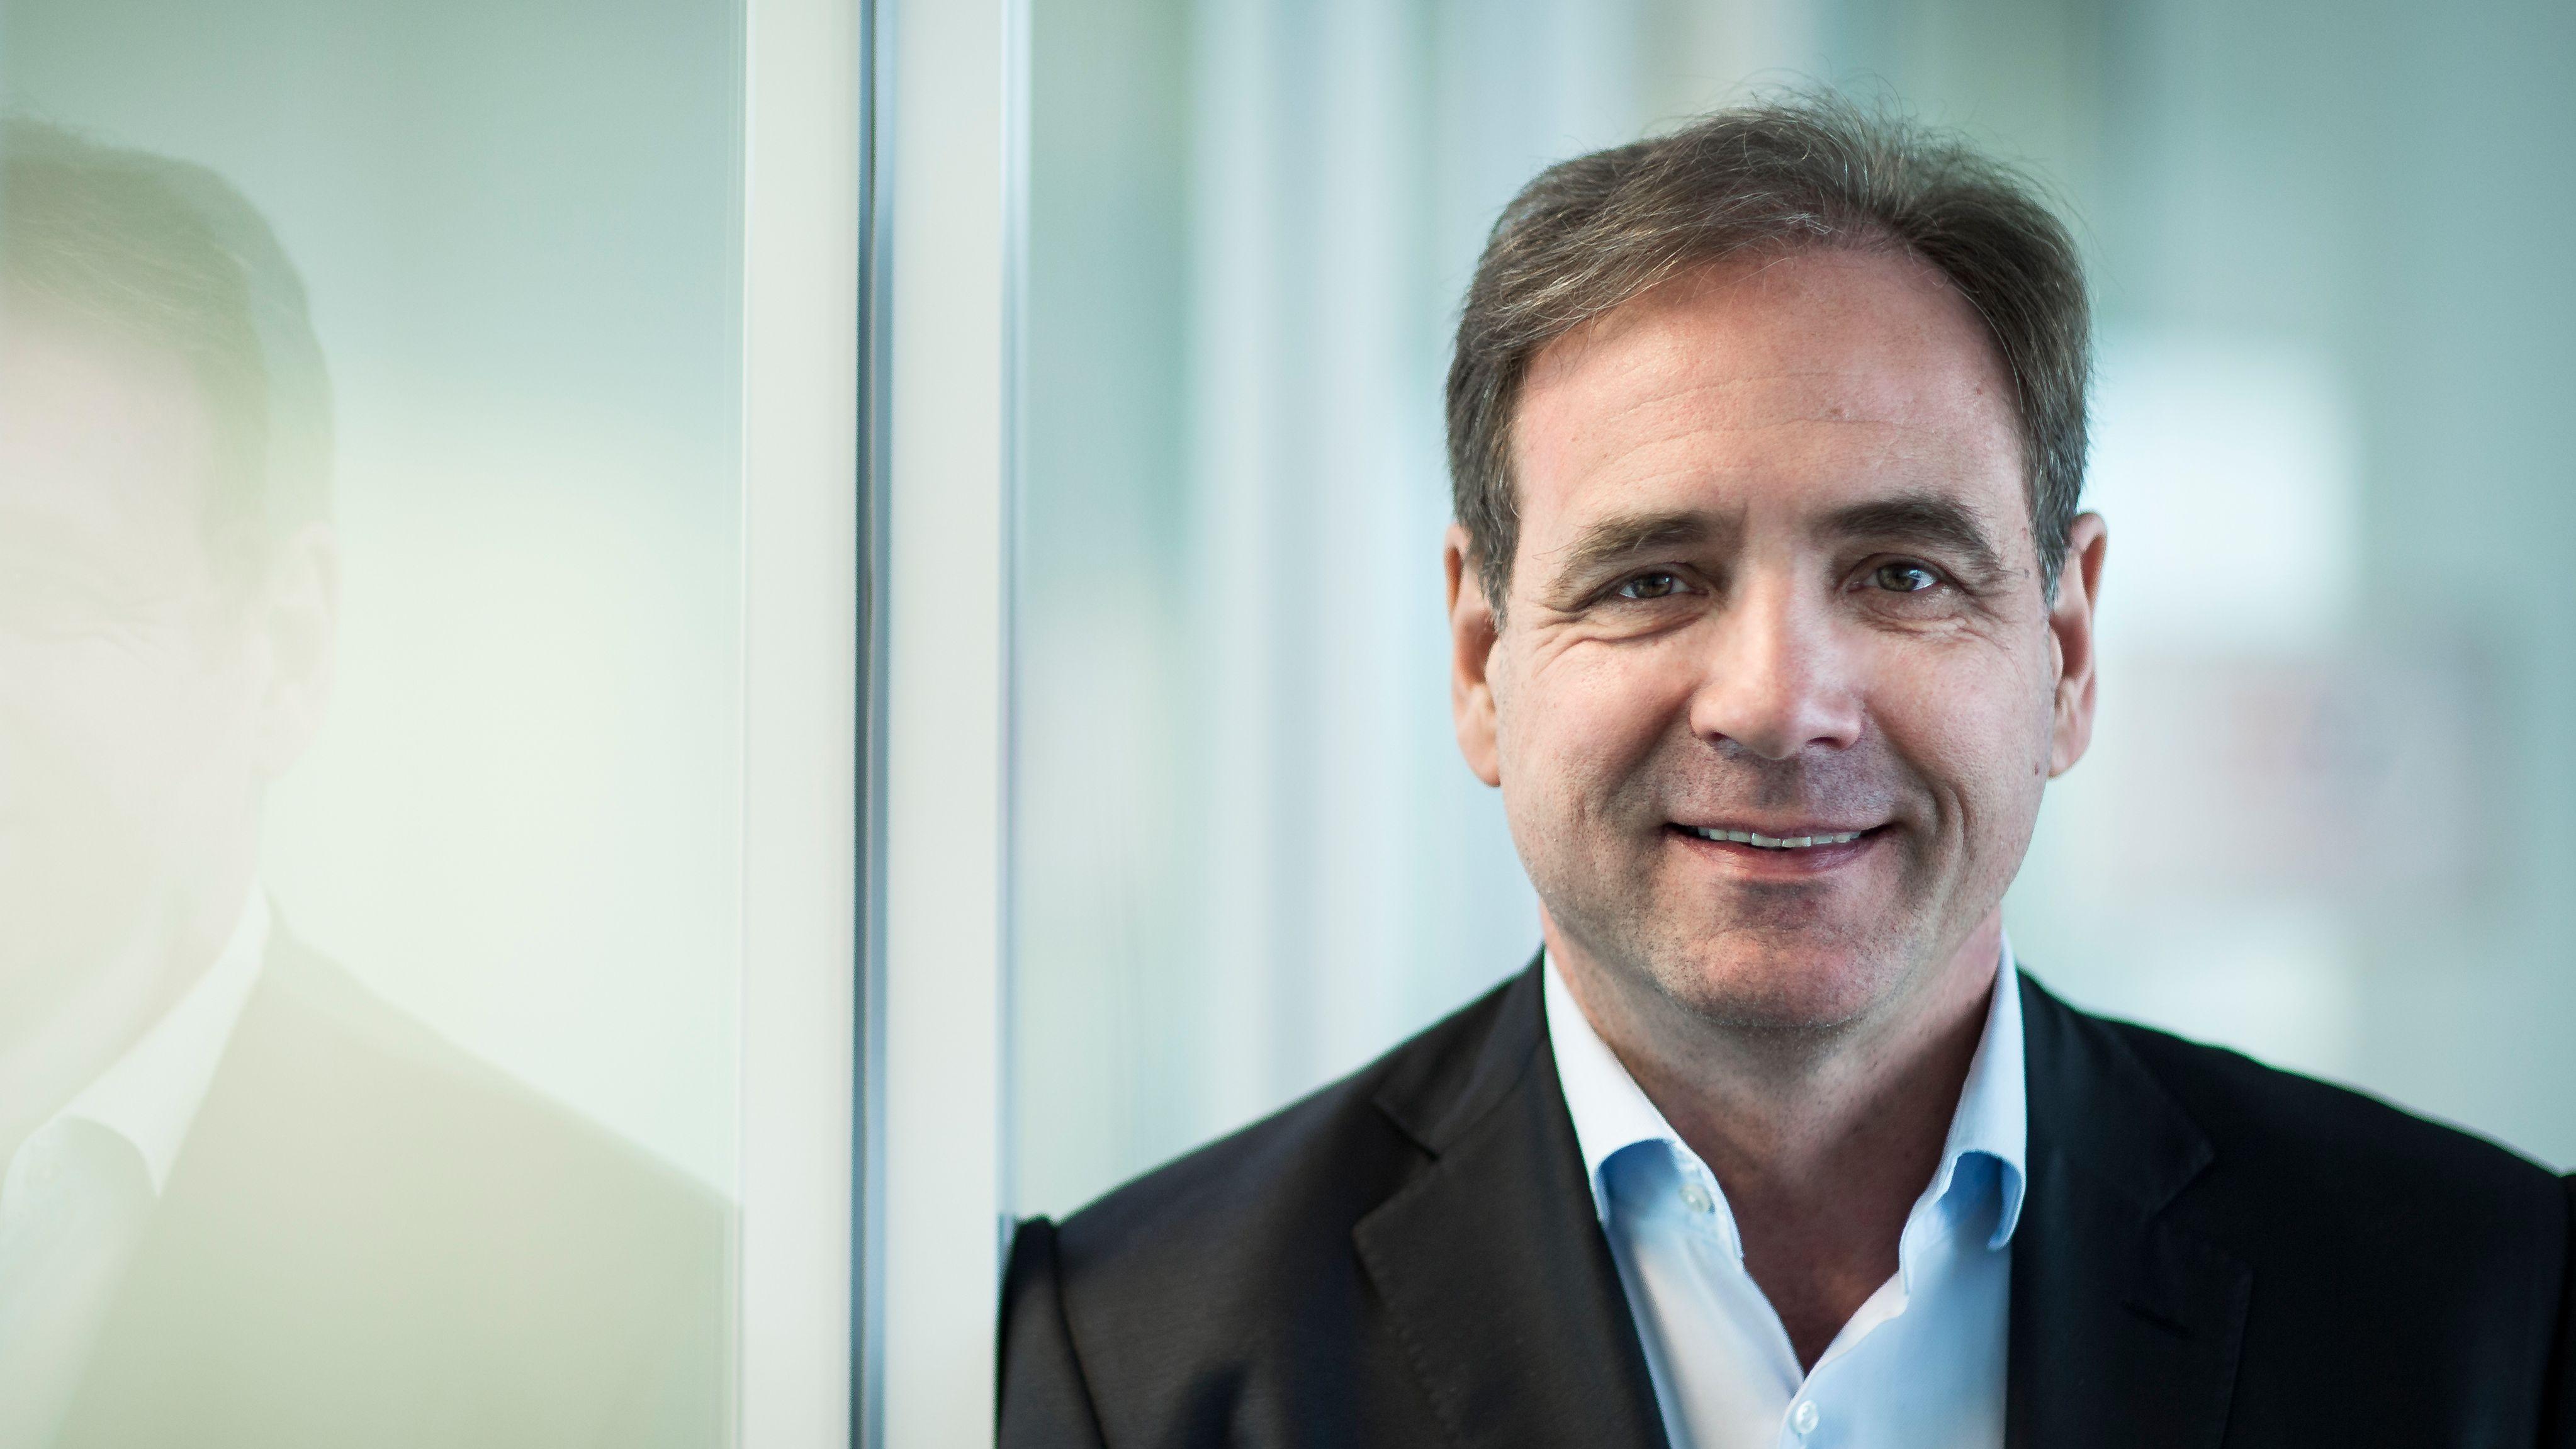 Nach 20 Jahren: Carsten Schmidt verlässt Sky